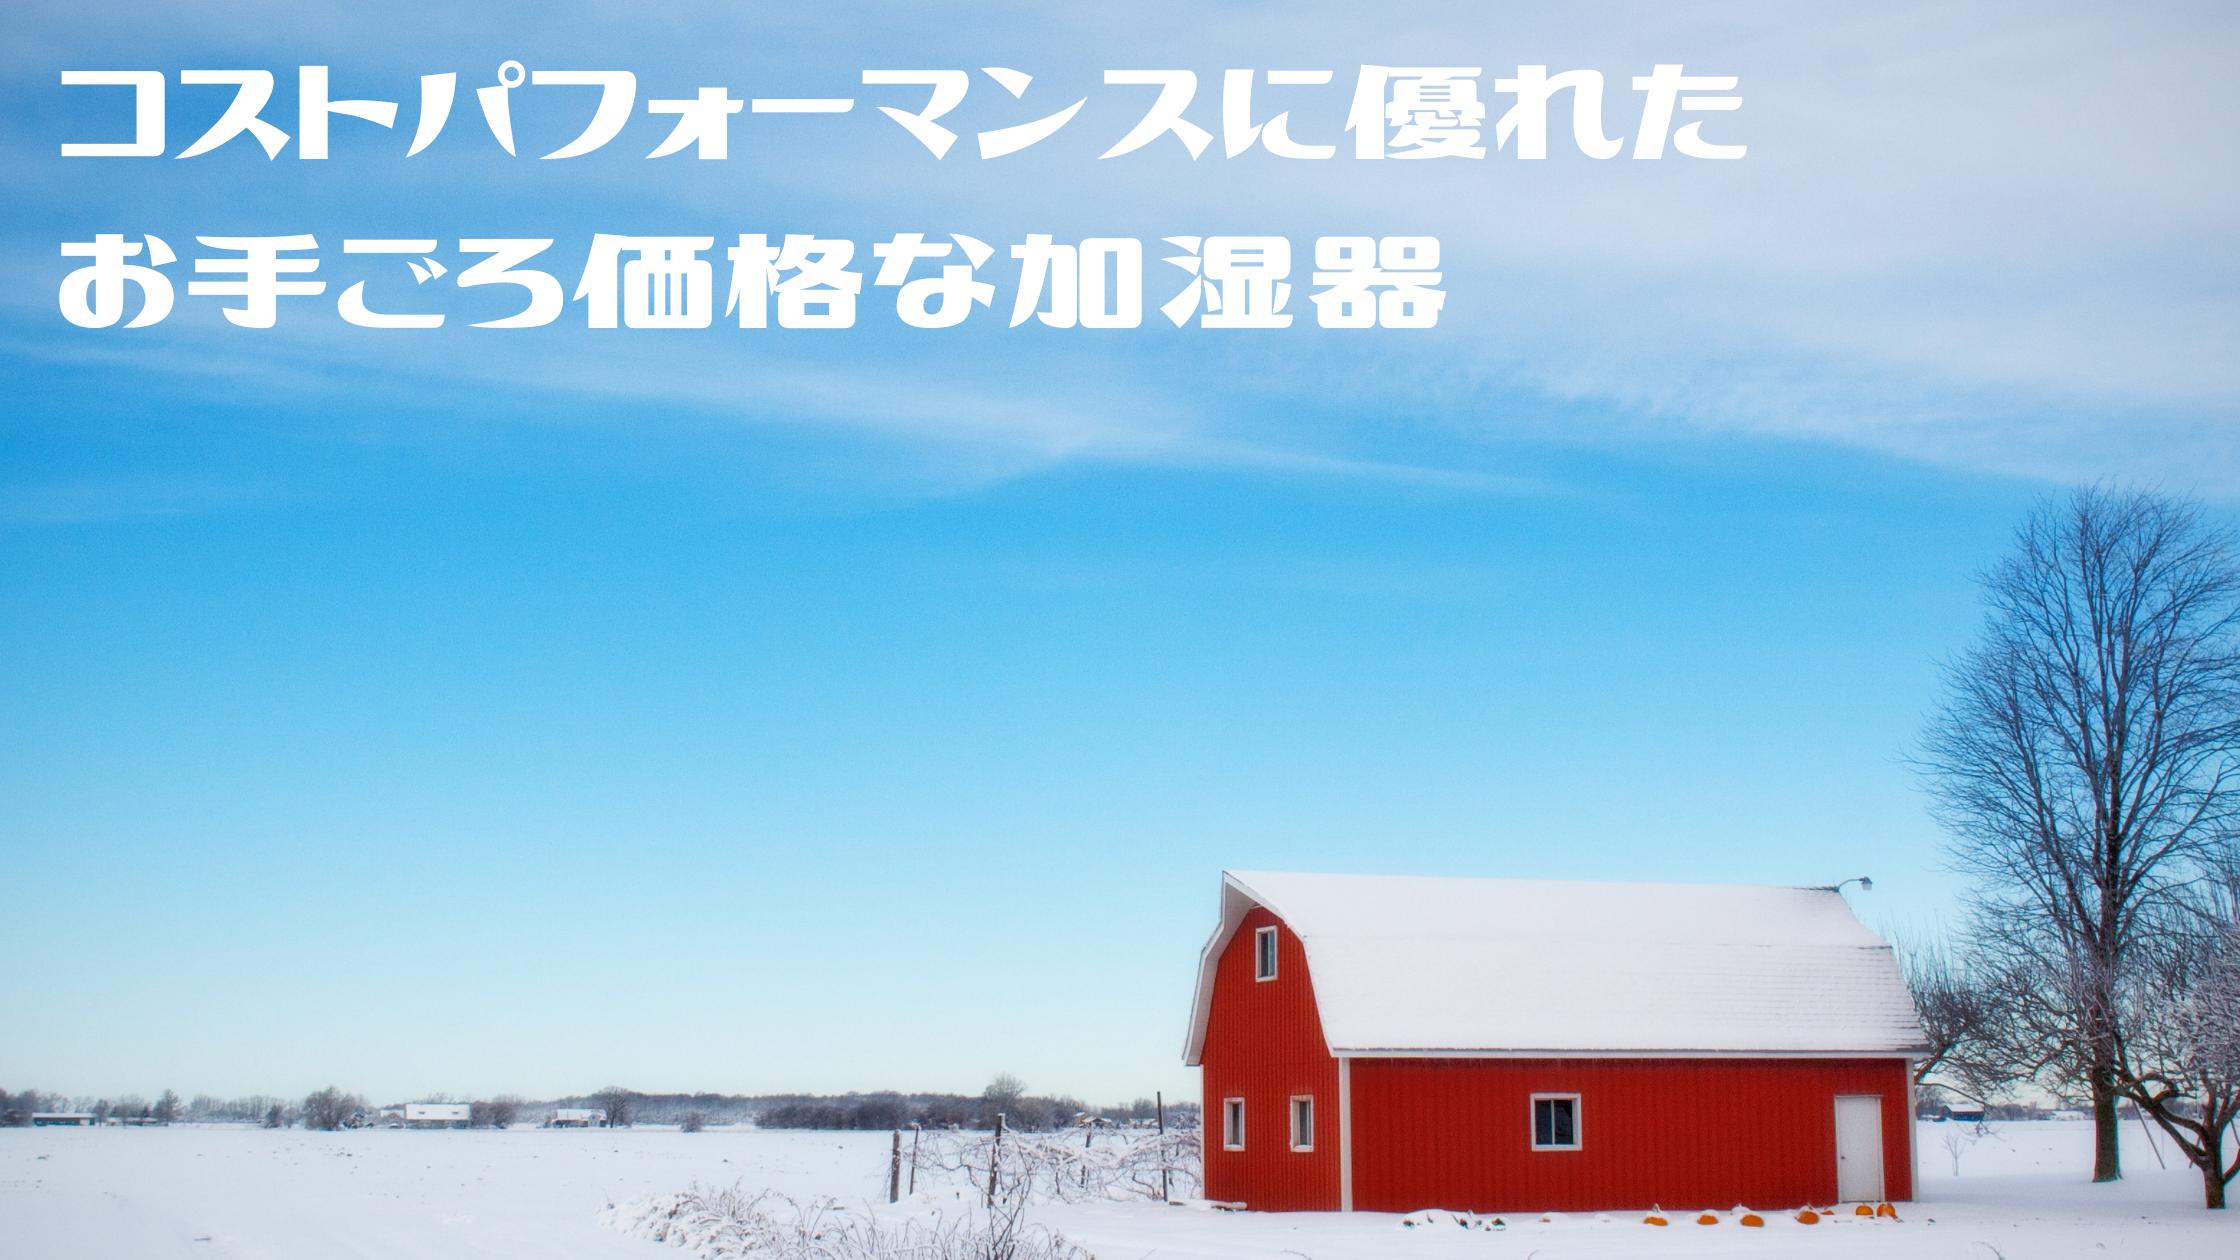 【サタデープラス】『スタミナバツグン』『お手入れカンタン』『おしゃれなデザイン』乾燥する季節の強い味方 【最新の加湿器】